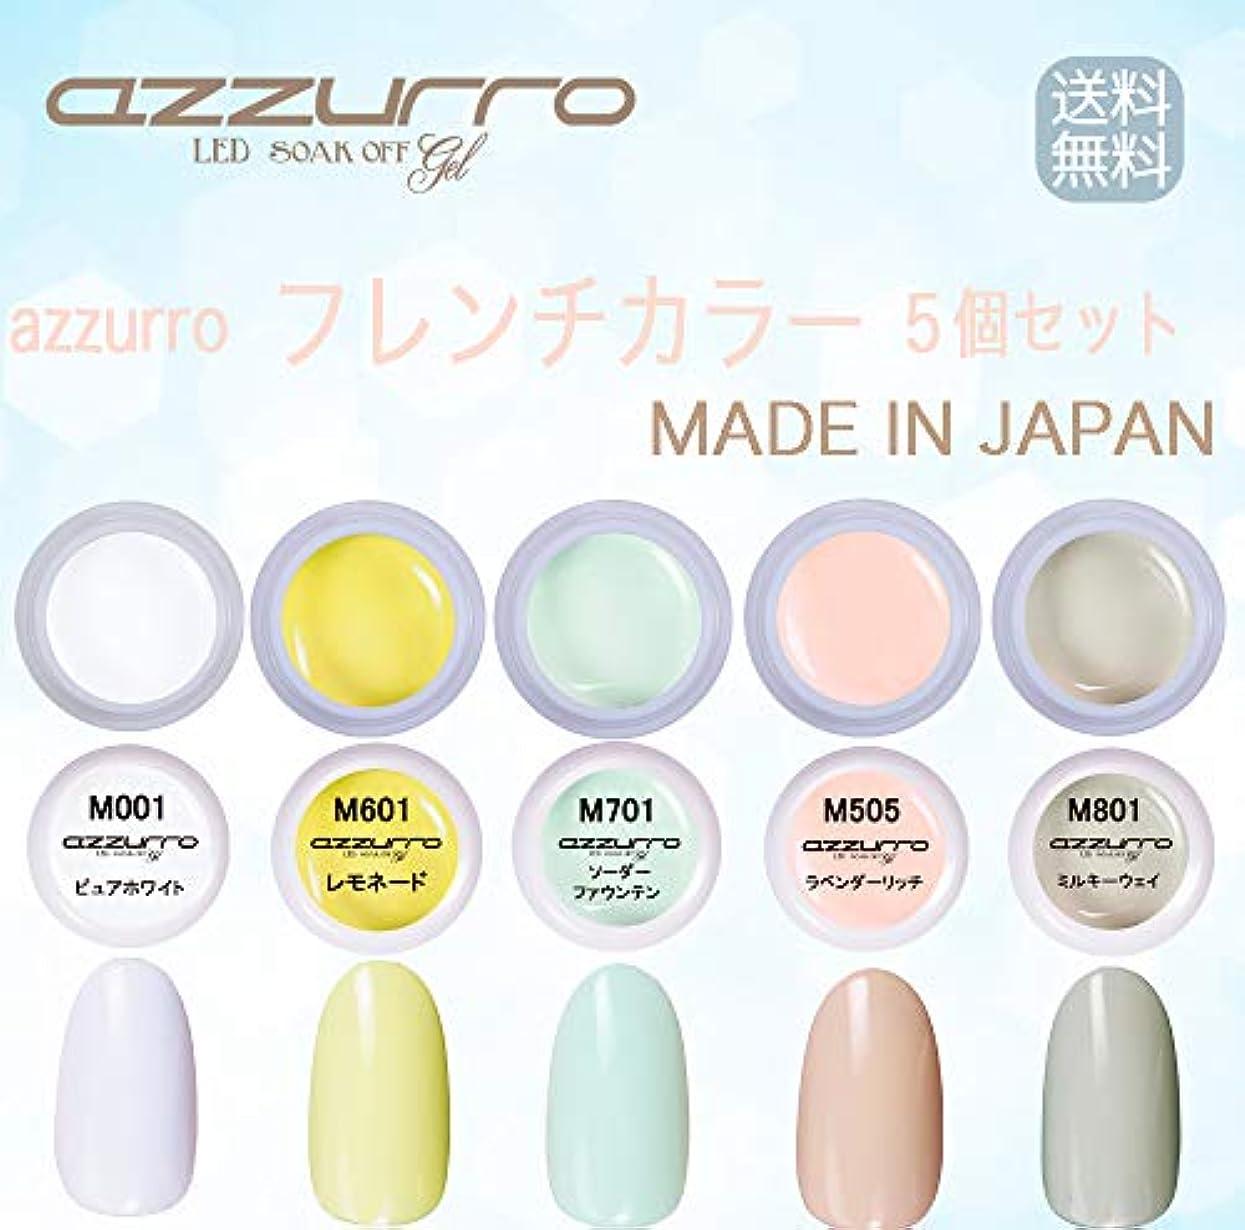 支出スープボリューム【送料無料】日本製 azzurro gel フレンチカラージェル5個セット 春にピッタリでかわいいフレンチネイルにピッタリなカラー